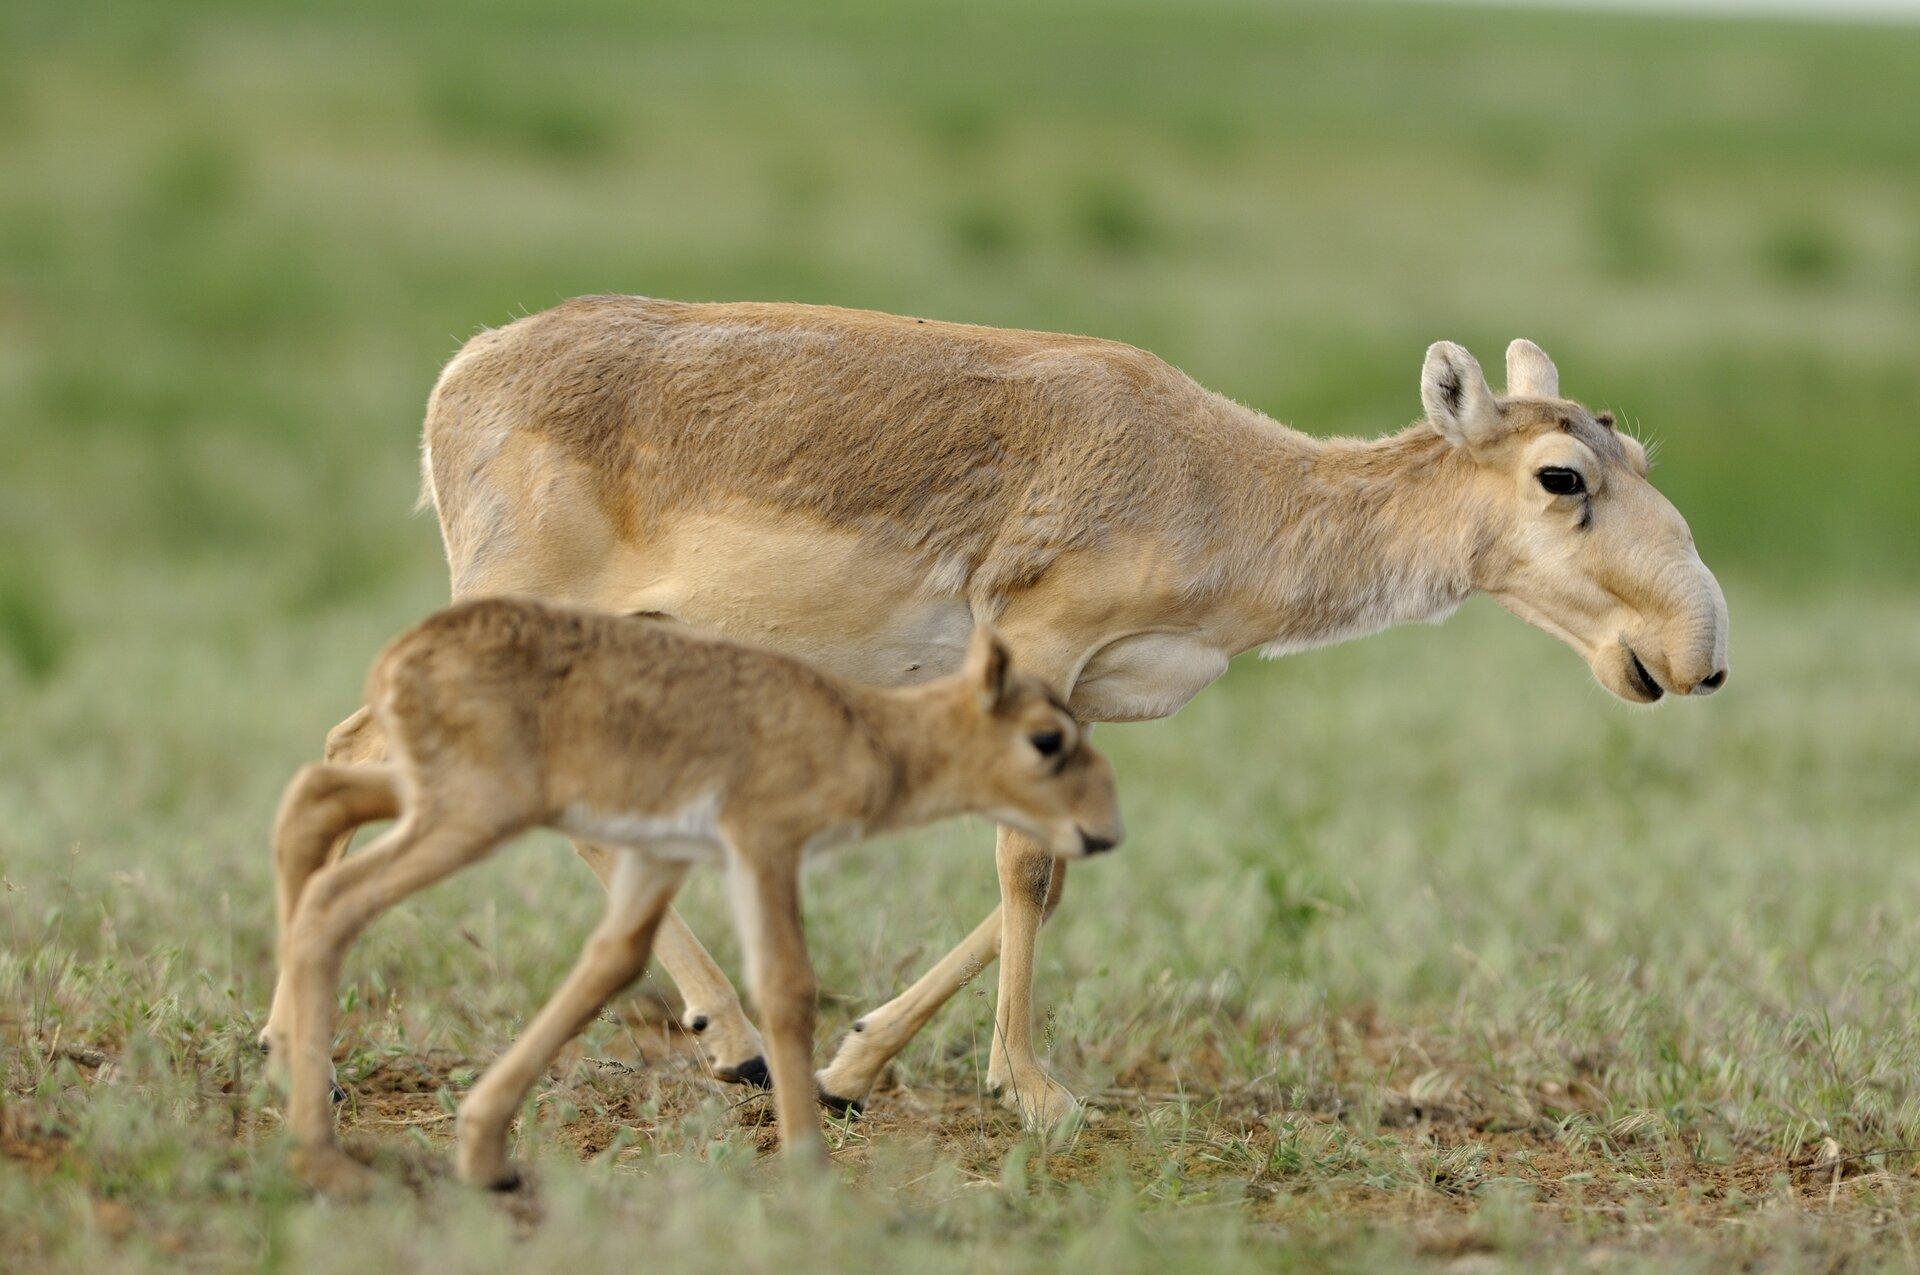 Fotografia czwarta prezentuje samicę suhaka zmłodym wędrującą po stepie. Suhaki maja charakterystyczną trąbkę nad nosem.